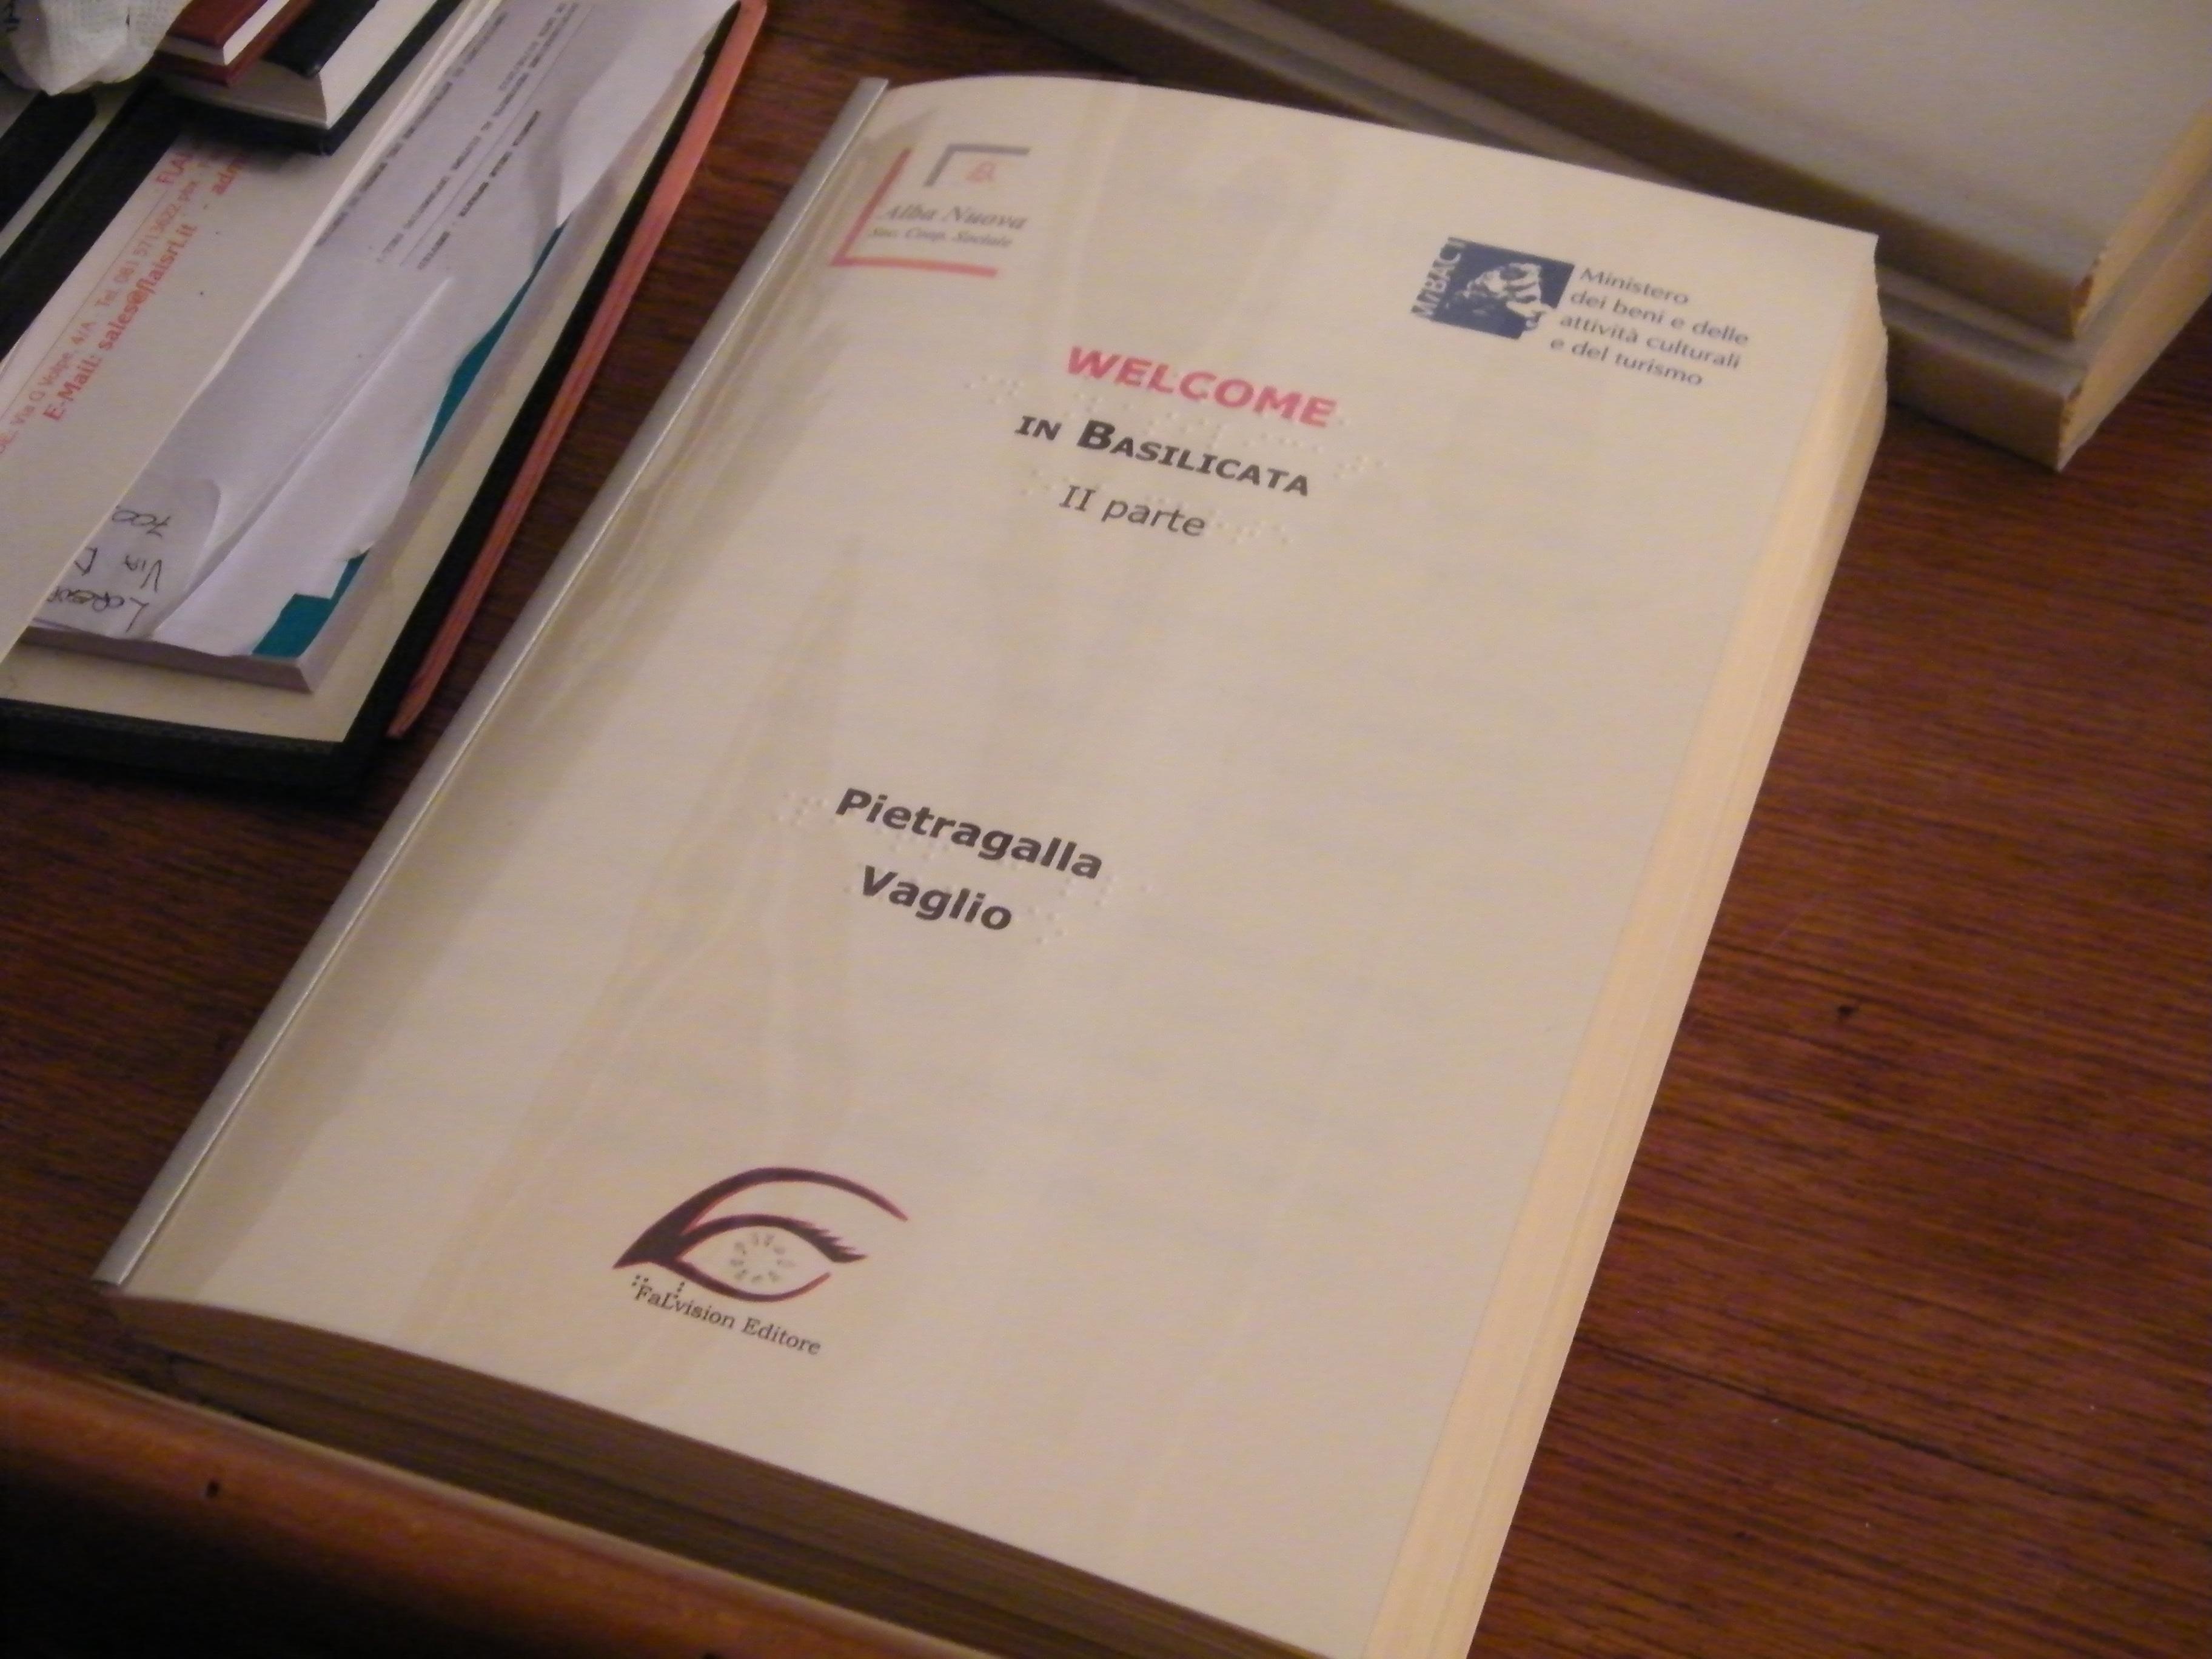 Libro Braille-Large Print per il Progetto Welcome